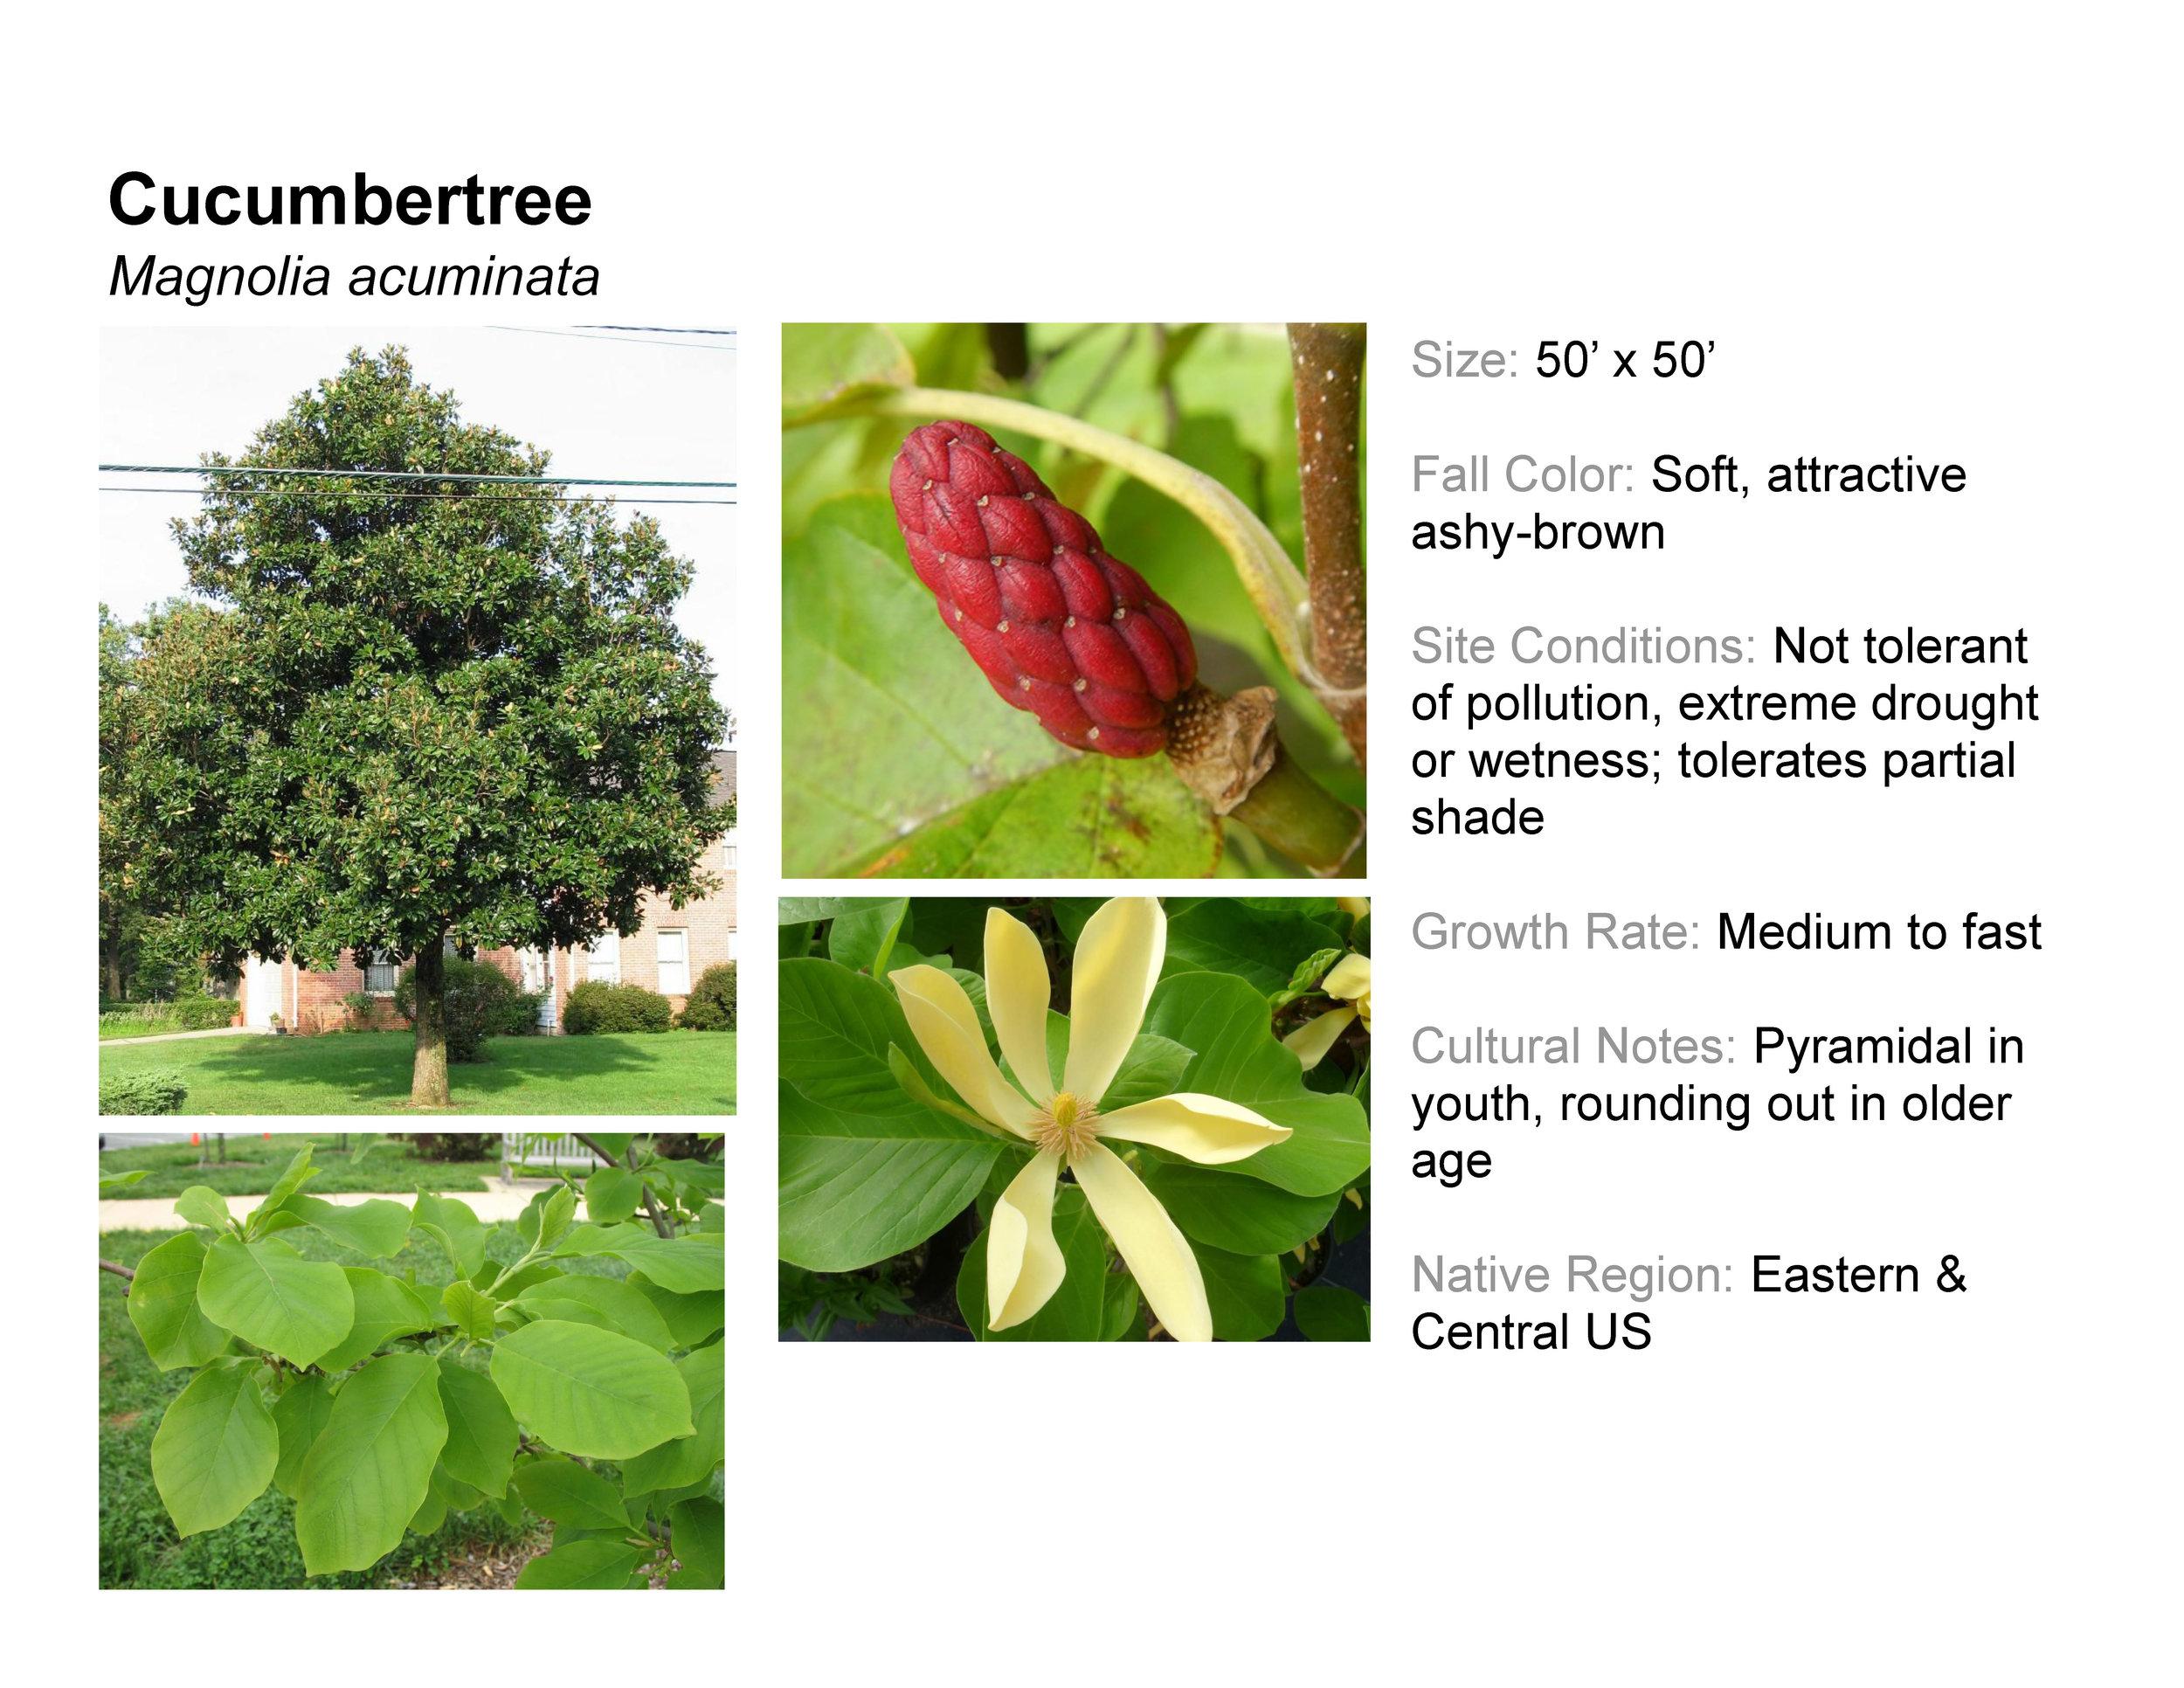 Cucumbertree